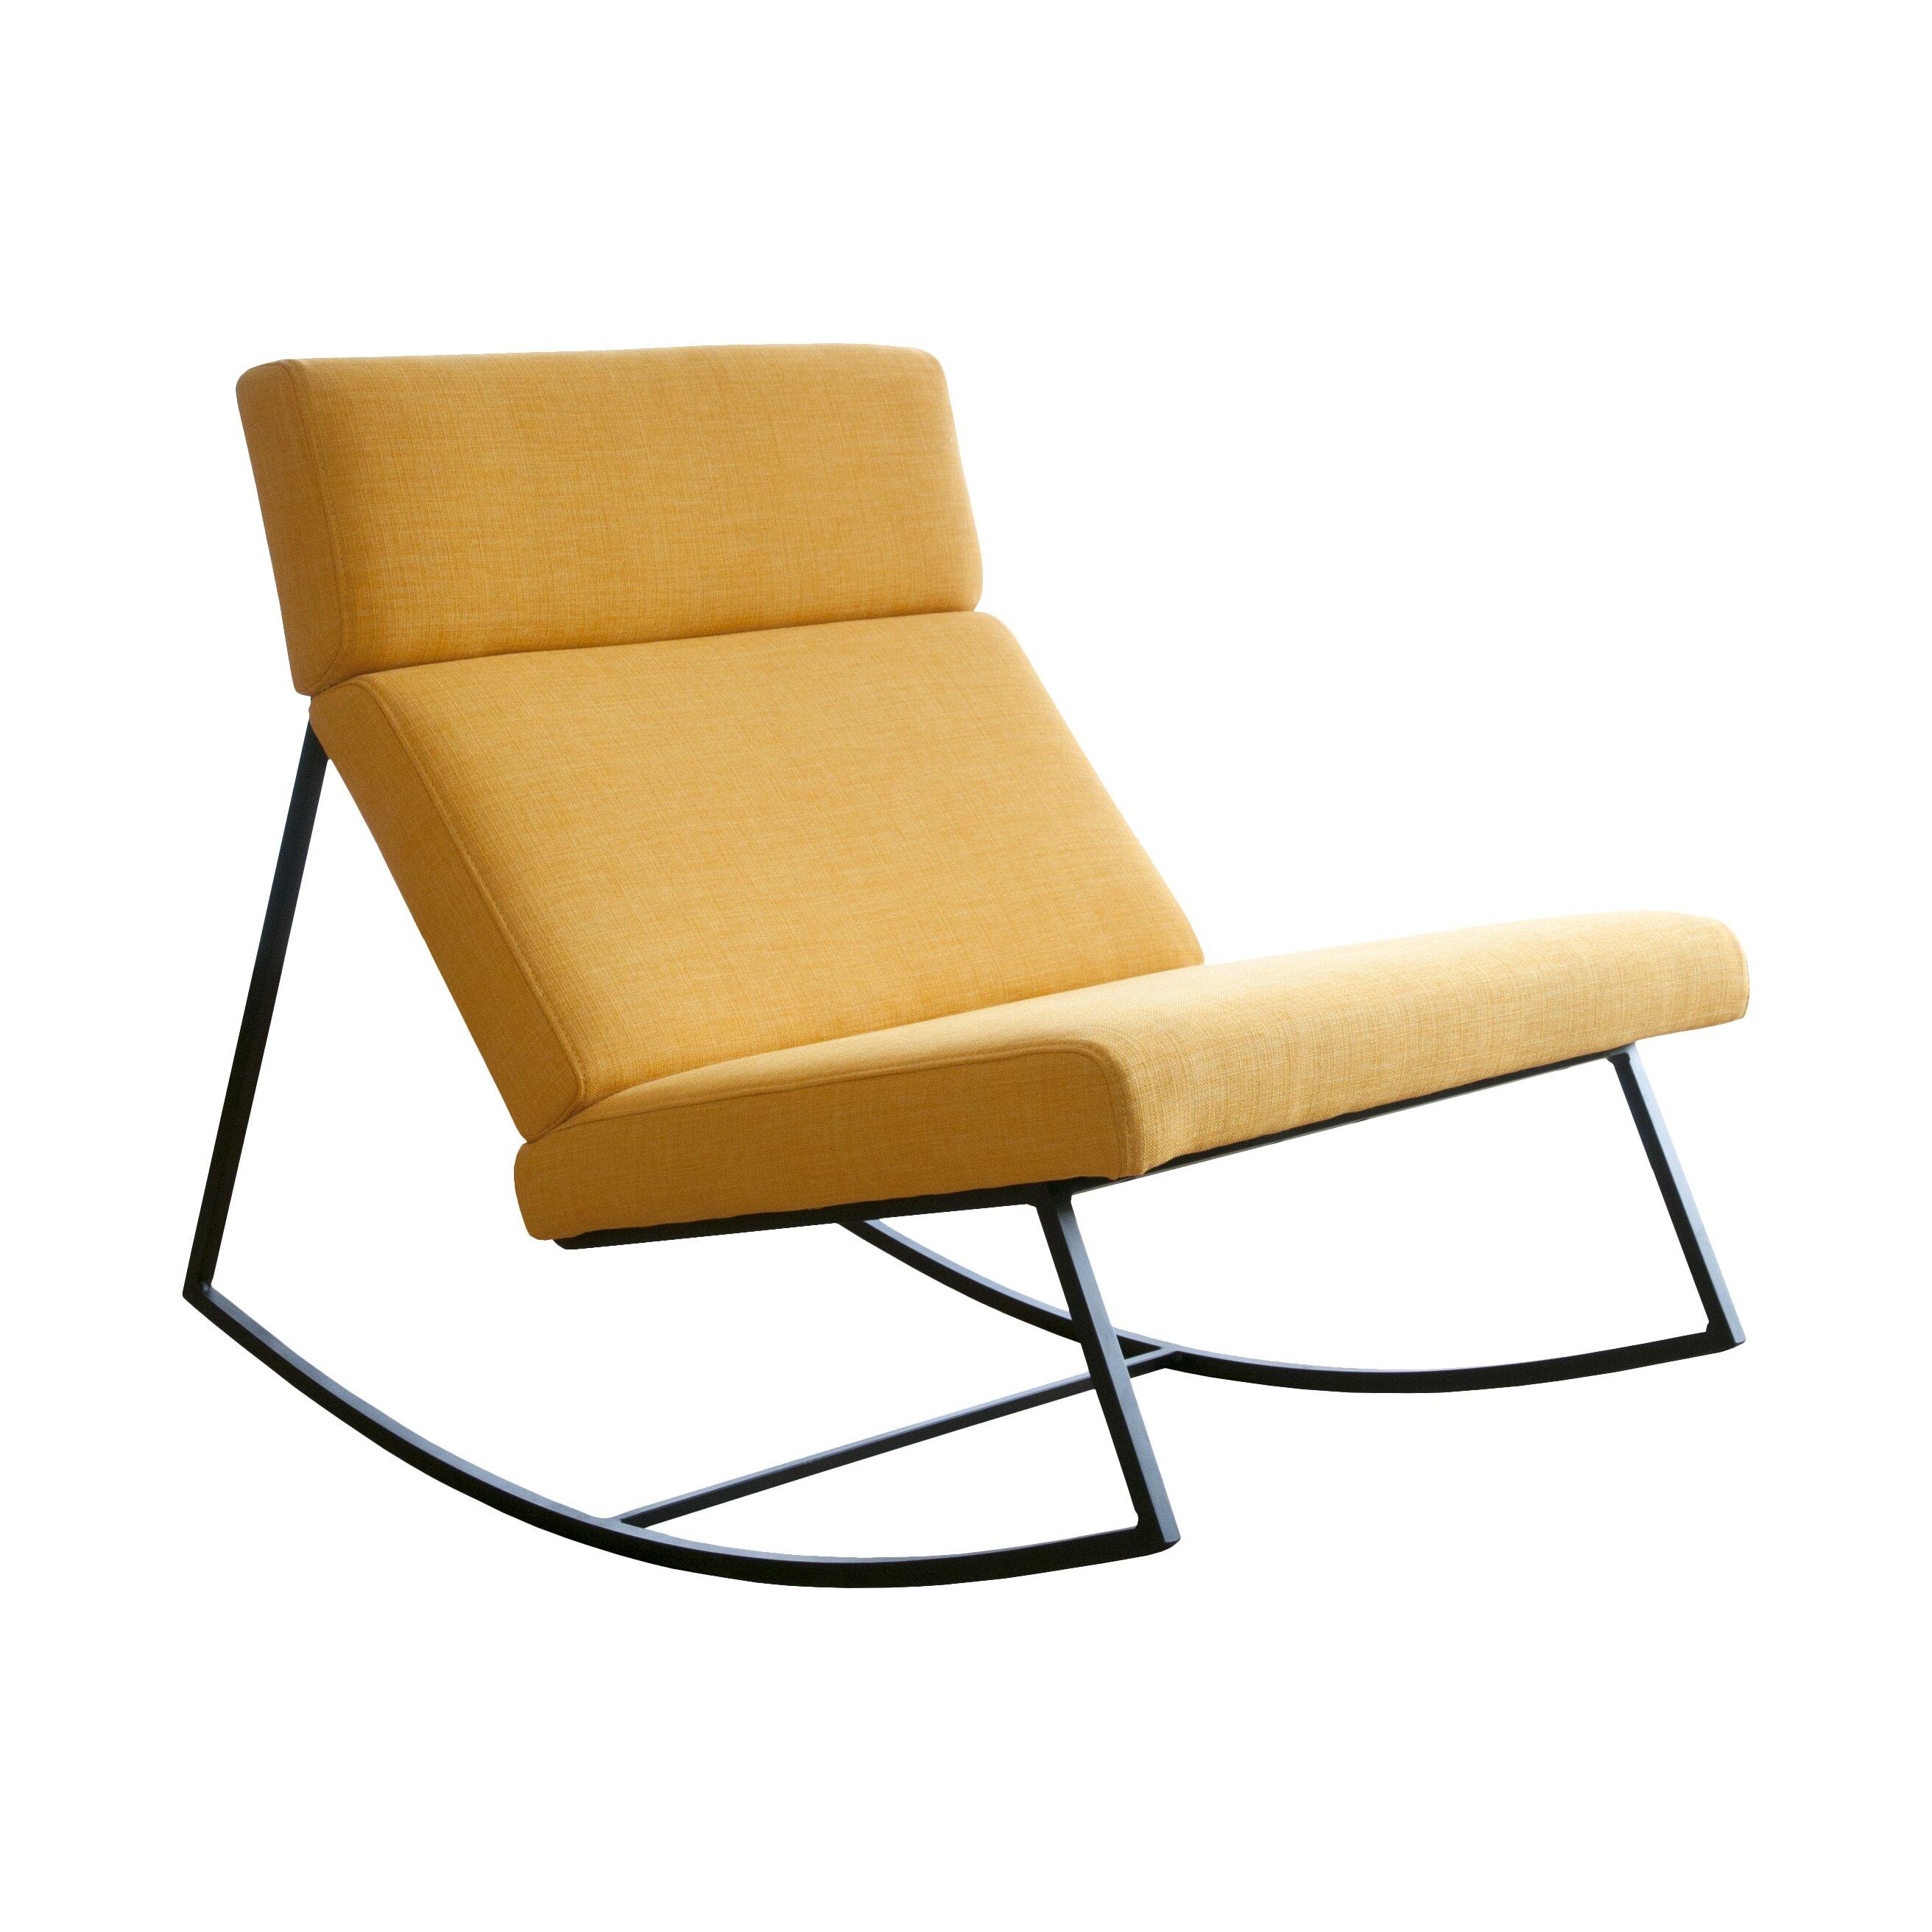 Gus Modern Gt Rocking Chair Reviews